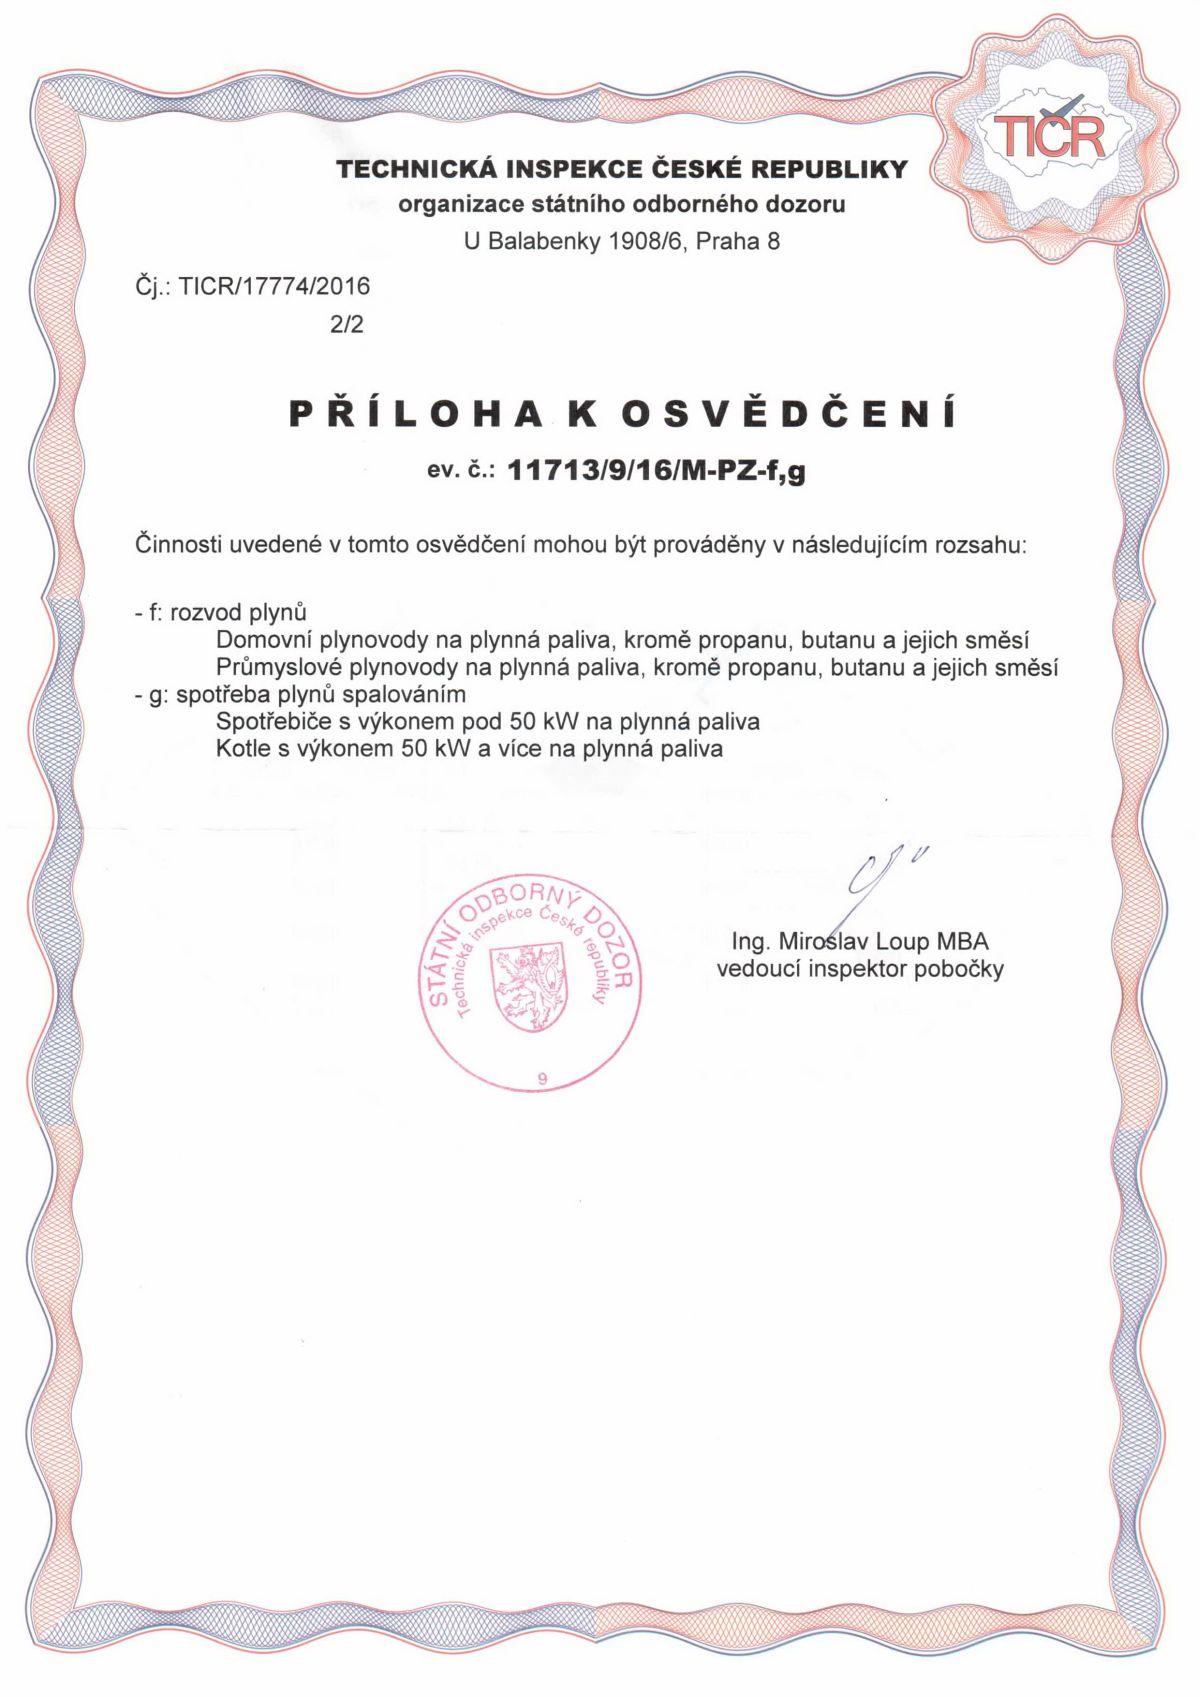 Certifikáty / Plynová zařízení 4